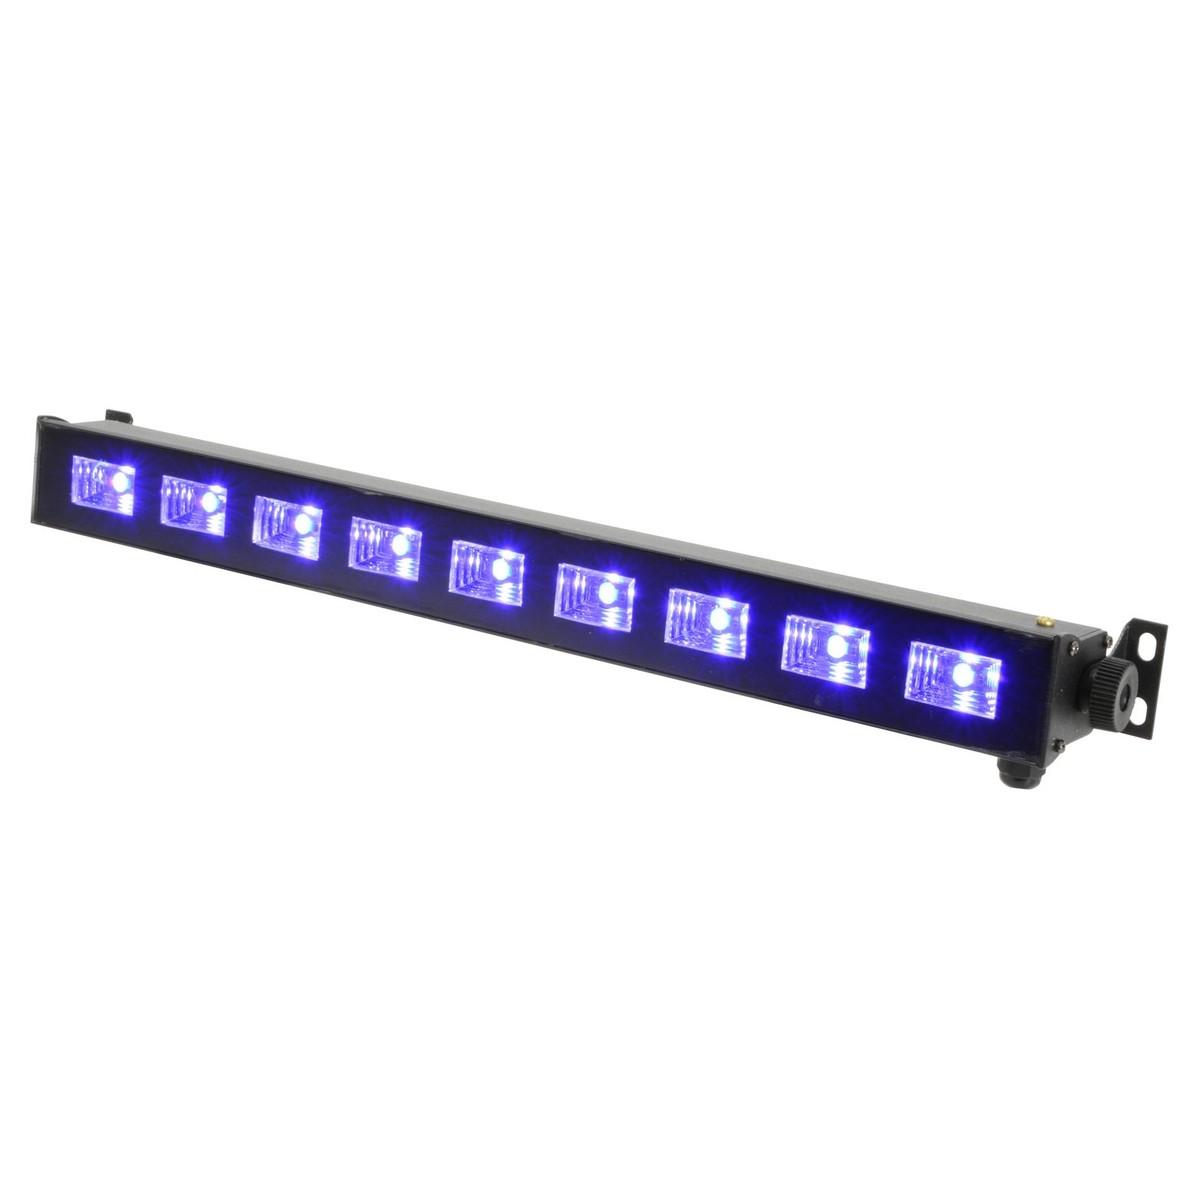 qtx uvb 9 ultraviolet led bar at. Black Bedroom Furniture Sets. Home Design Ideas